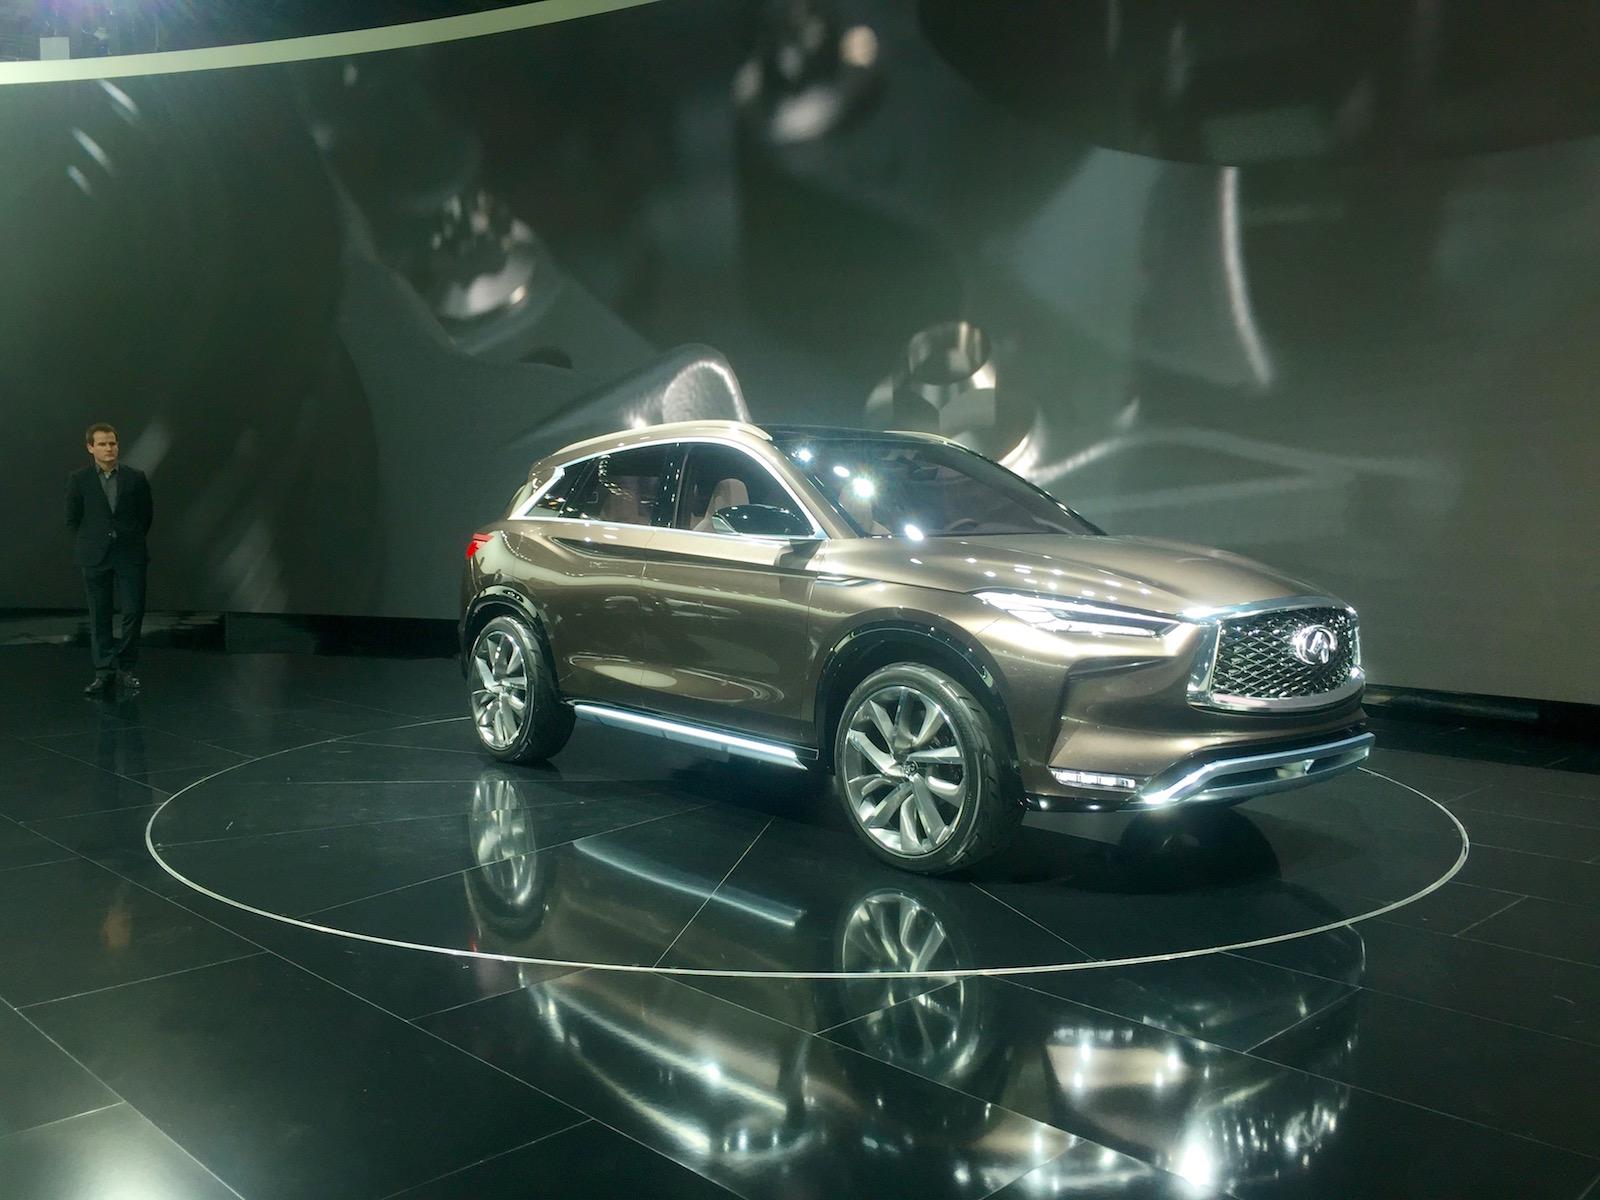 إنفينيتي تعلن عن QX50 كونسيبت بمعرض ديترويت Infinity Infiniti-QX50-NAIAS-Concept-4